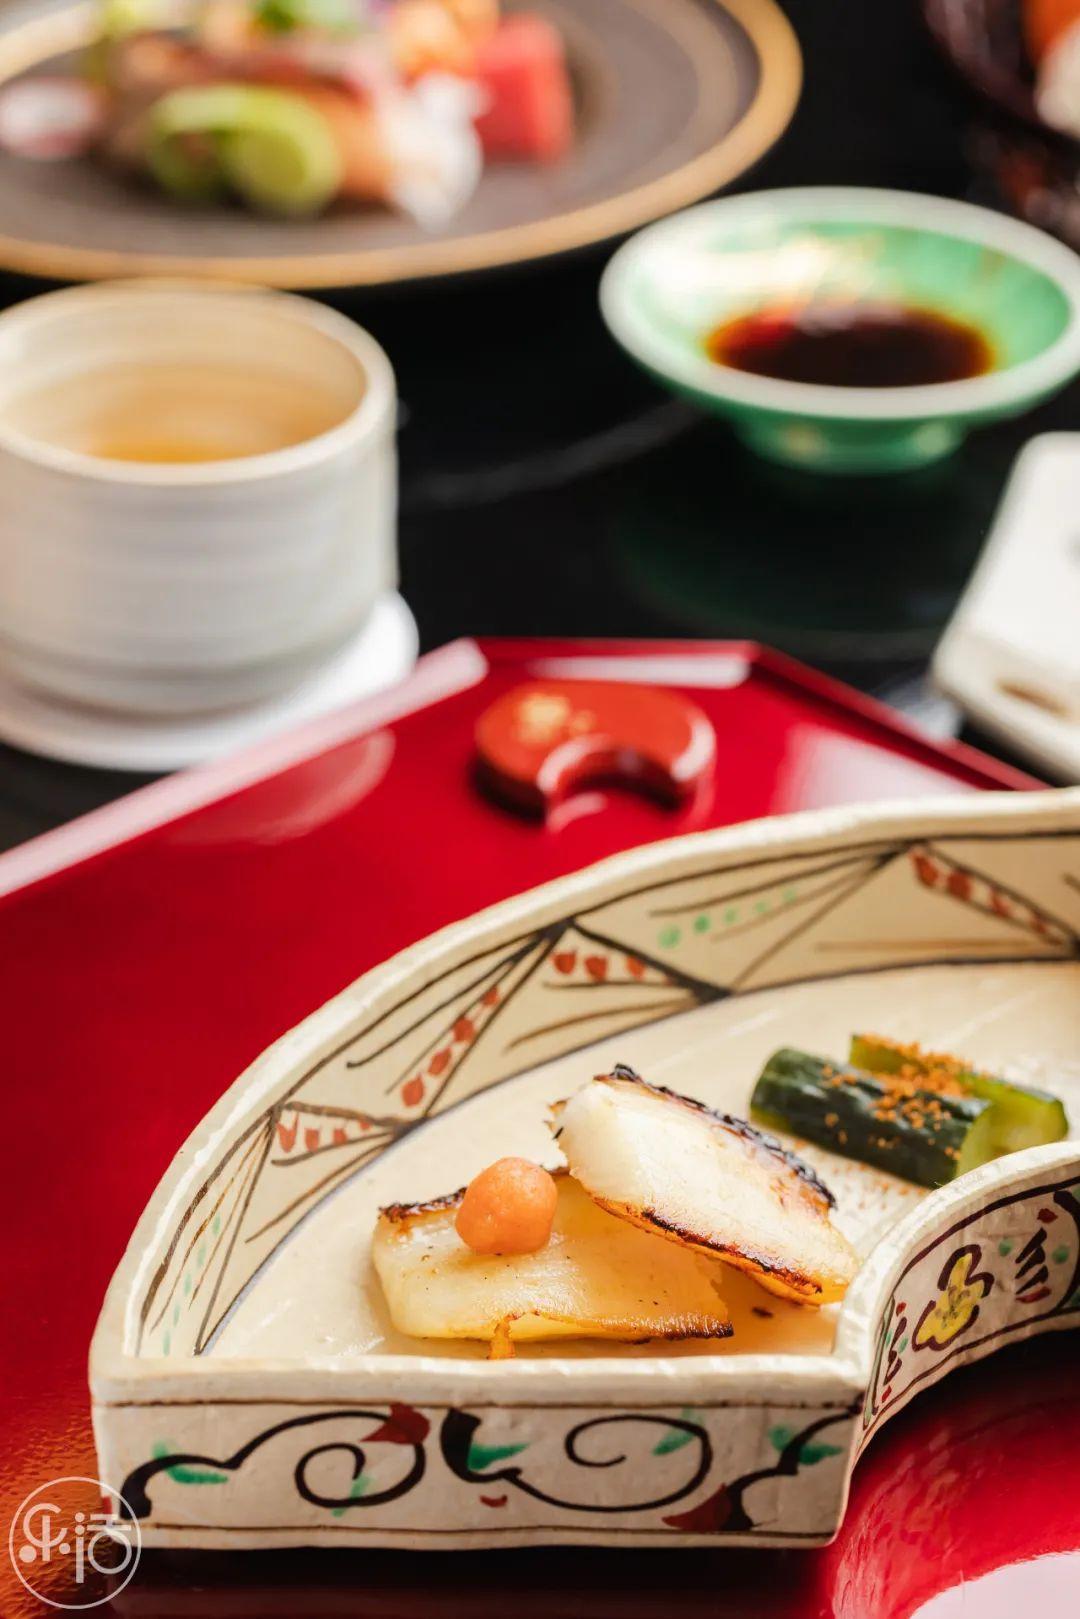 全杭州Zui大的会席料理店来袭!人均600元就能体验到的Top级日料,来自日本饮食文化的上等名流之选!(图41)